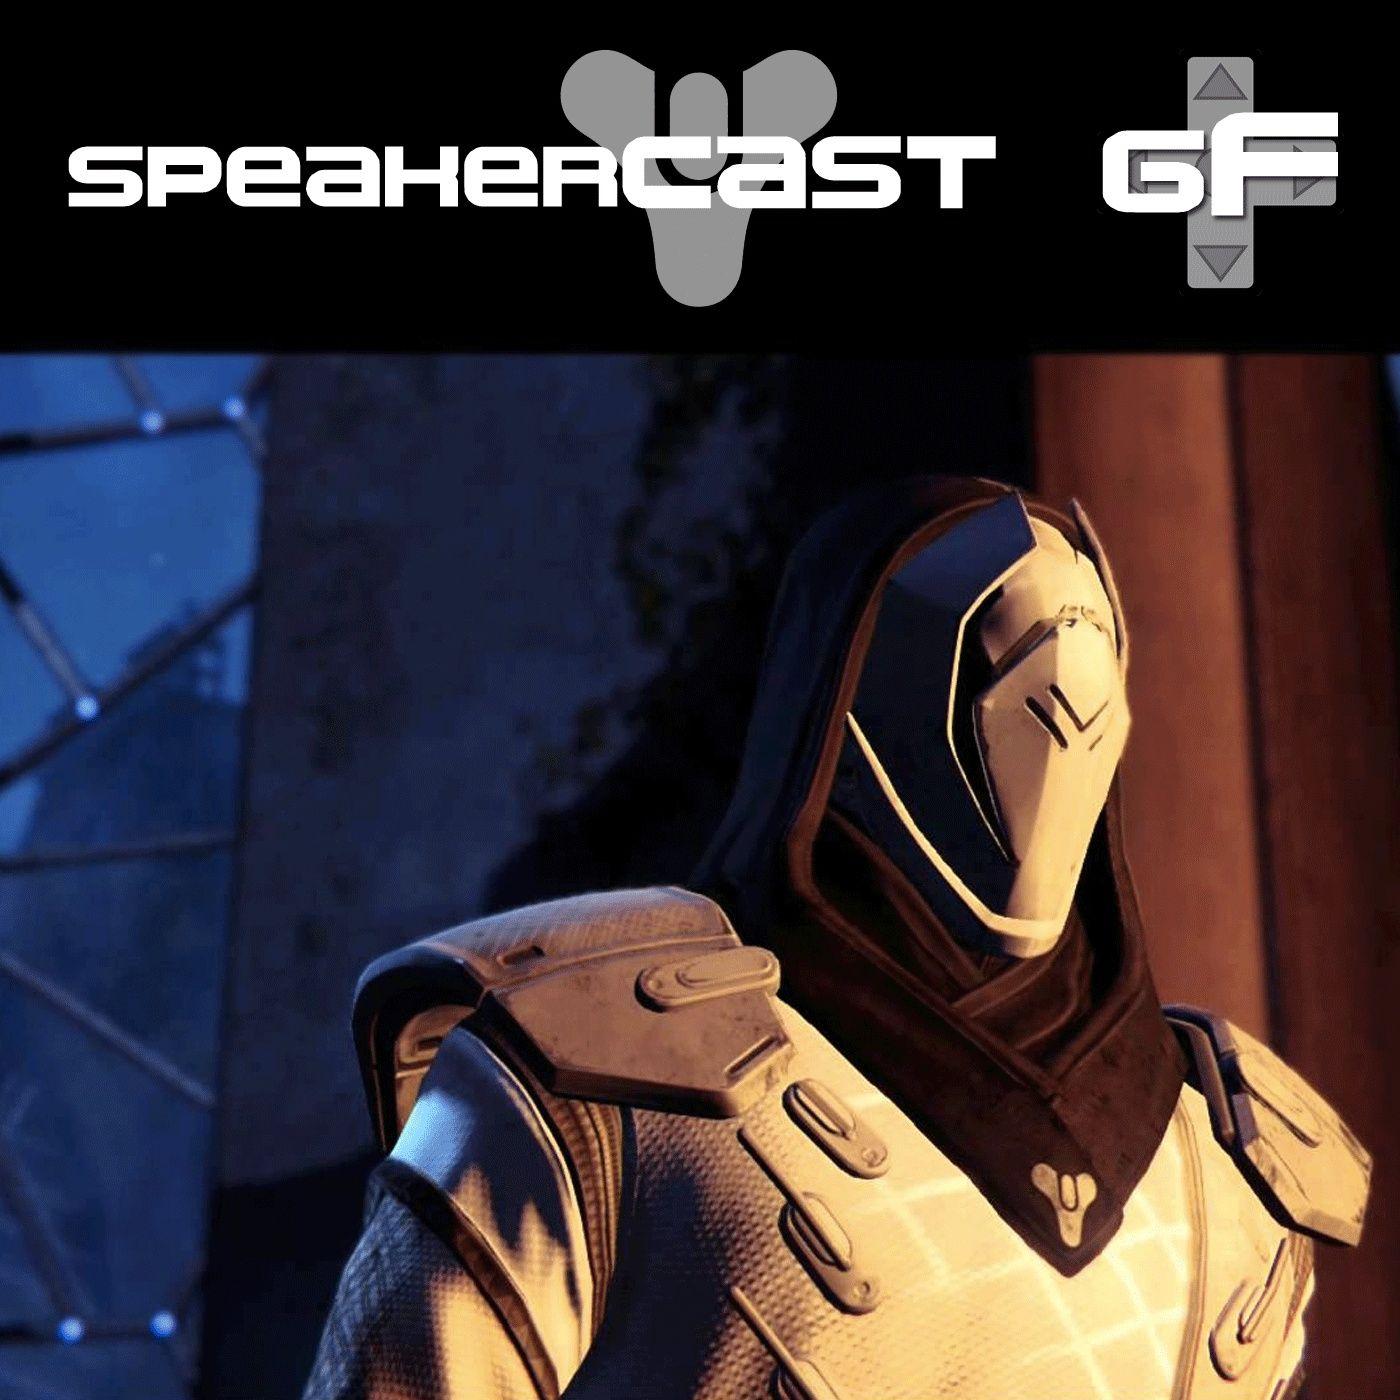 Destiny Speakercast